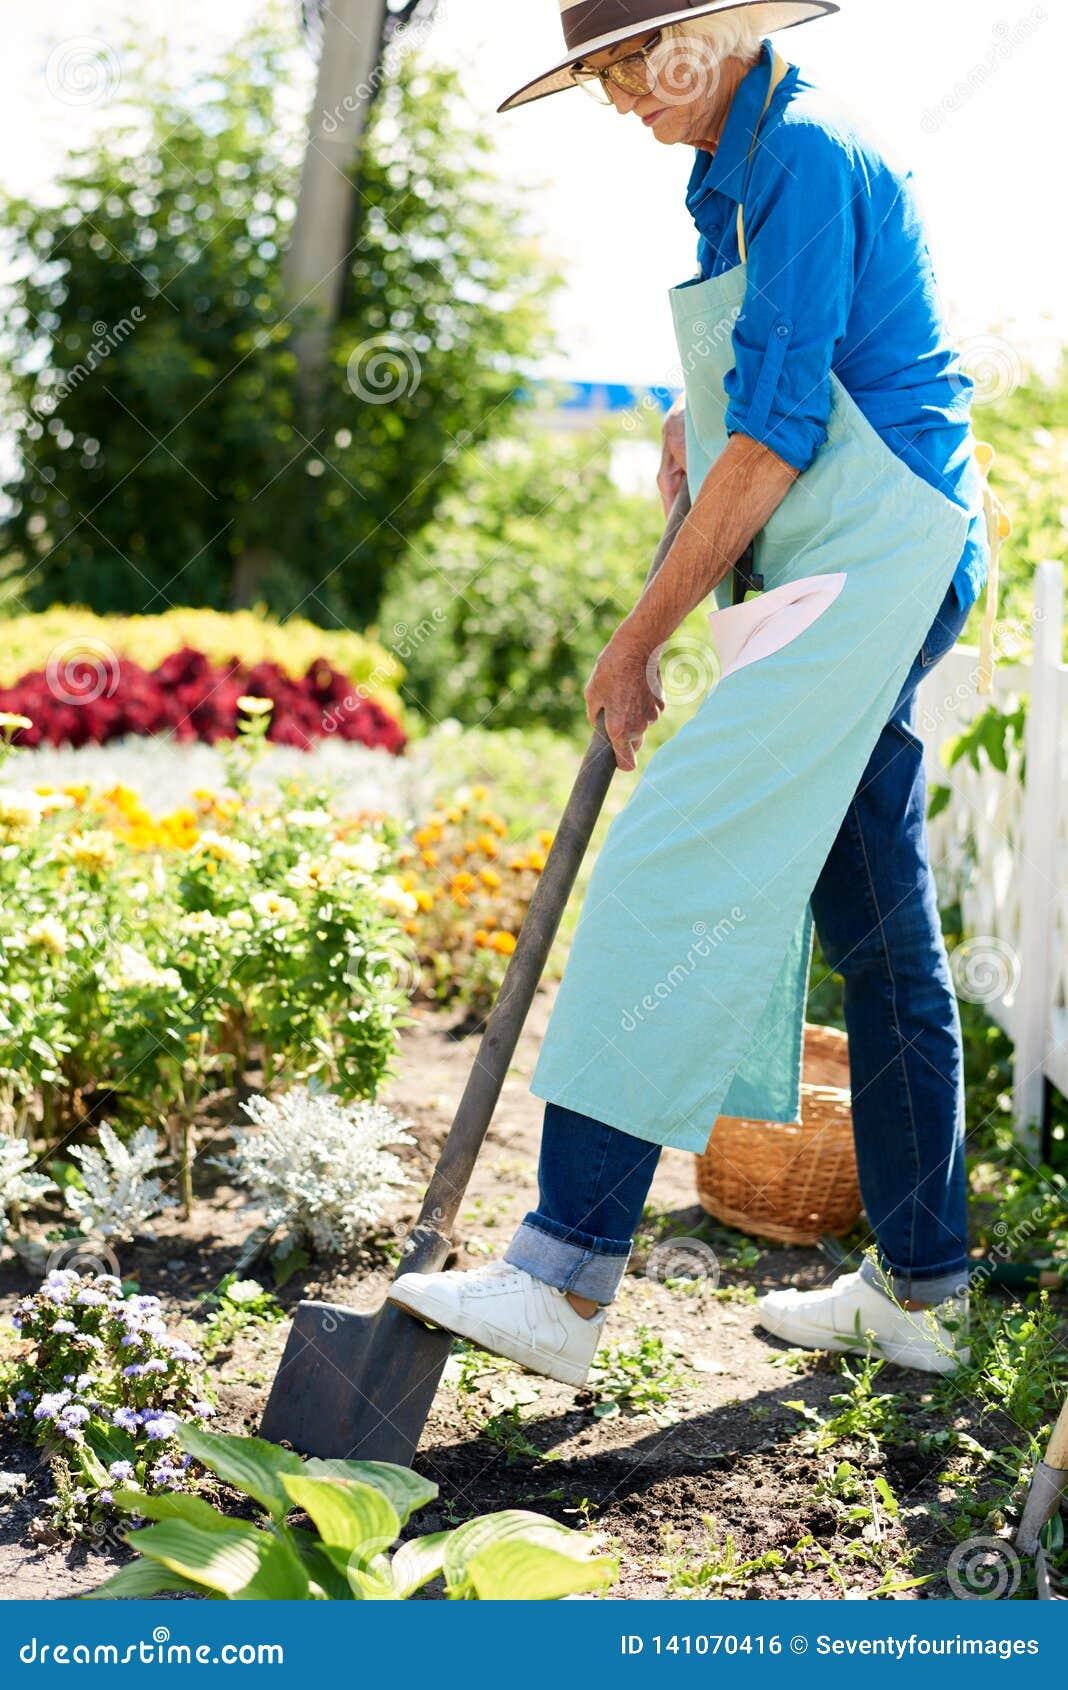 Senior Woman Working in Garden